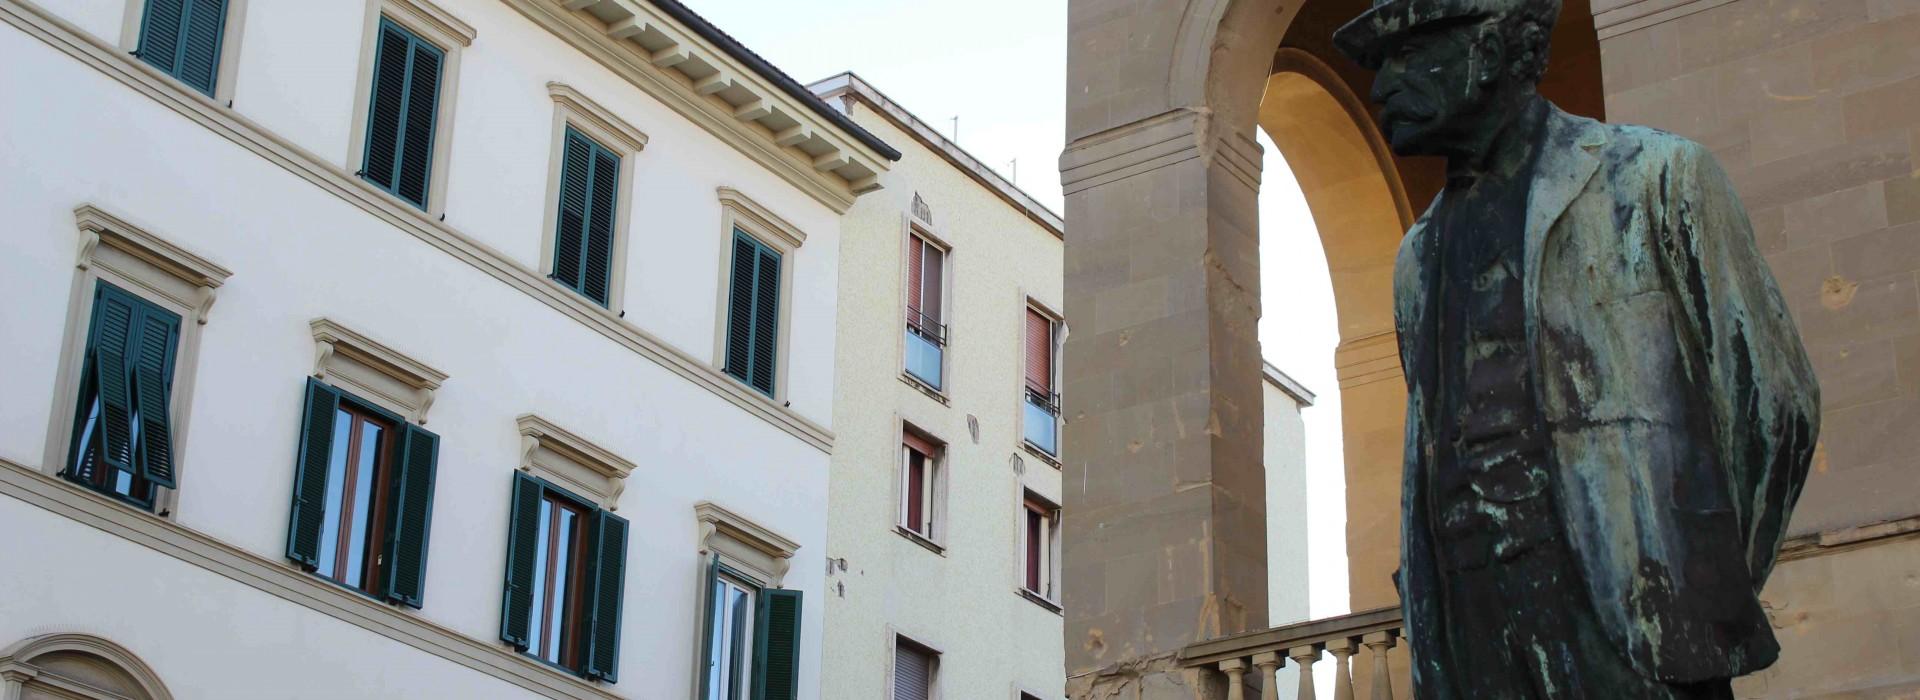 Gemignani - monumento Fattori Livorno